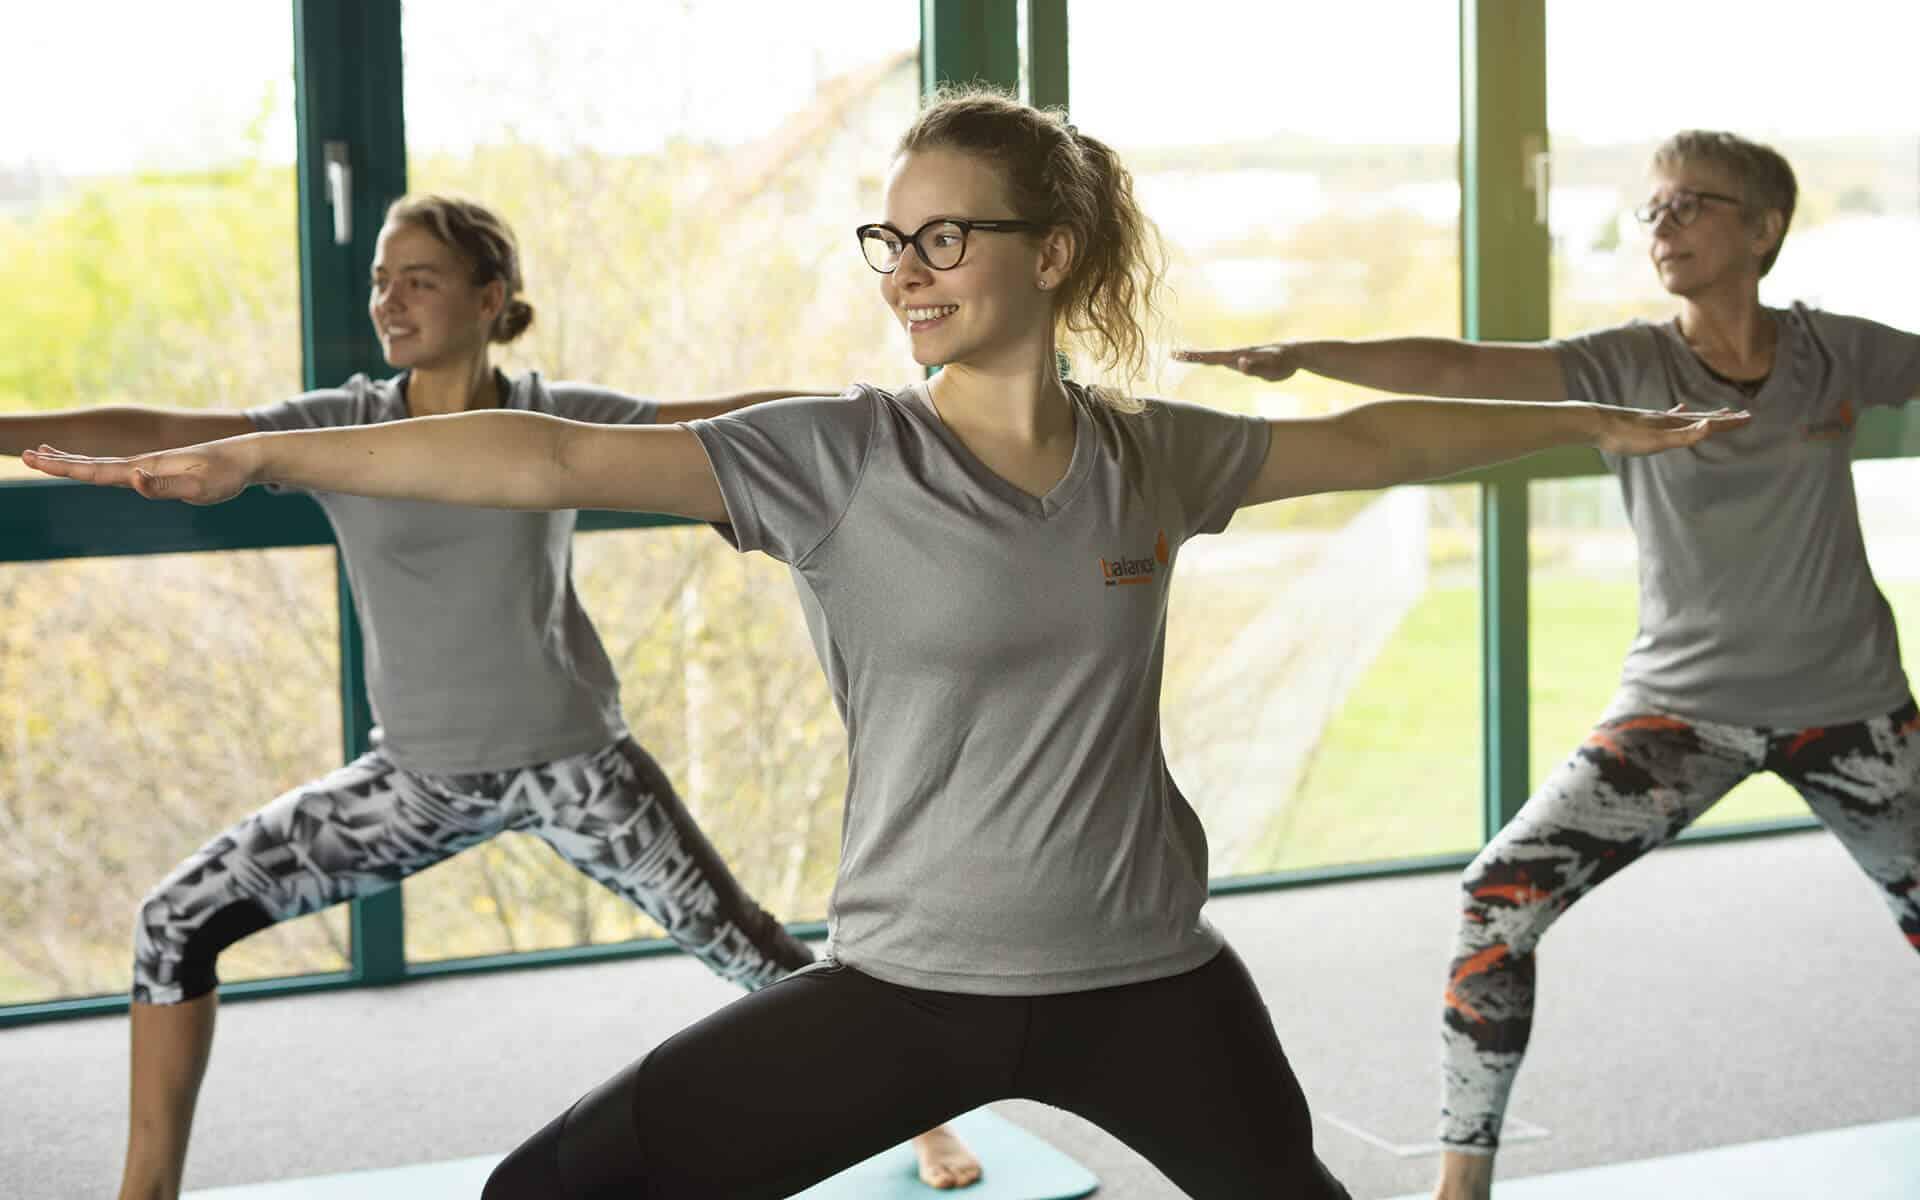 Die Yoga Trainerinnen Hannah Markgraf und Brigitte Lemsch demonstrieren gemeinsam mit Daniela Firsching eine Pose aus dem Yoga. Unterschiedliche Yogakurse werden mehrmals die Woche im Kursraum 2 im balance Fitnessstudio in Kitzingen angeboten.